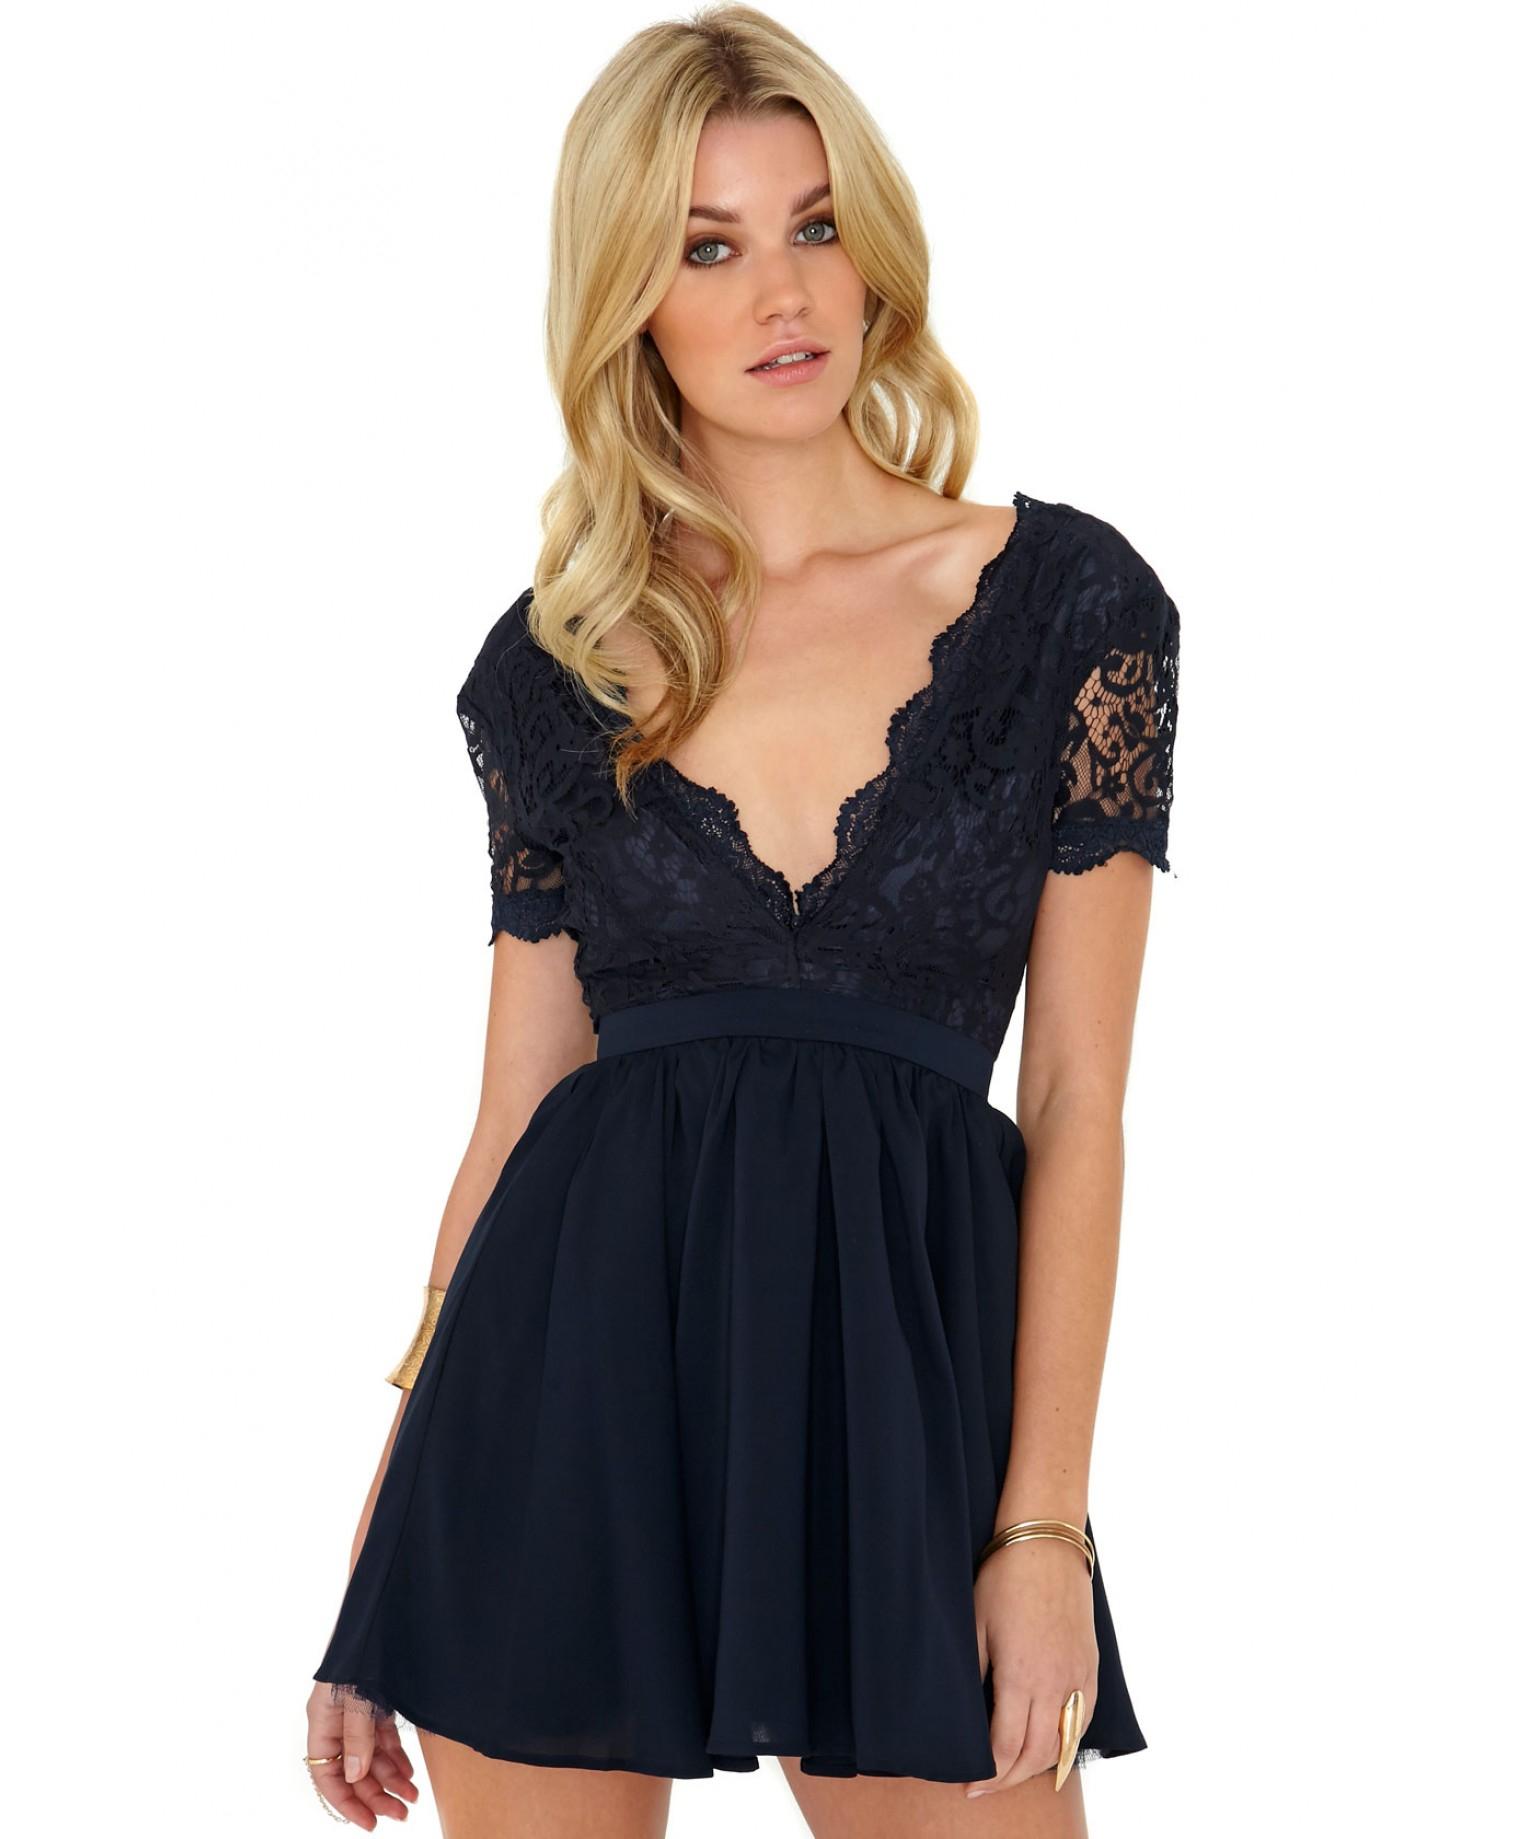 Black lace puffball dress